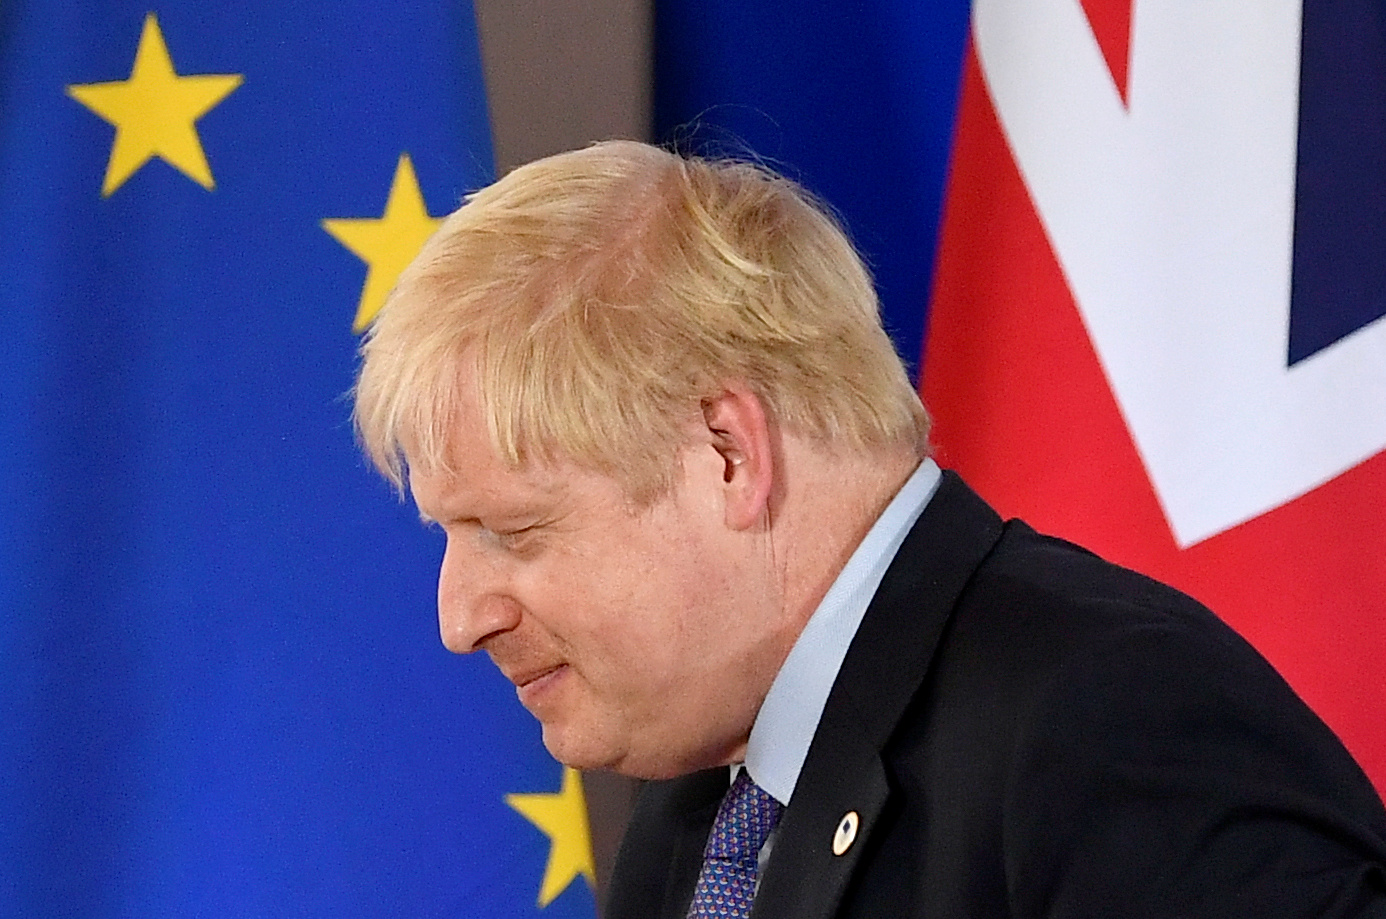 https://img6.s3wfg.com/web/img/images_uploaded/a/7/nouvel-accord-sur-le-brexit-incertitudes-sur-le-vote-samedi.jpg